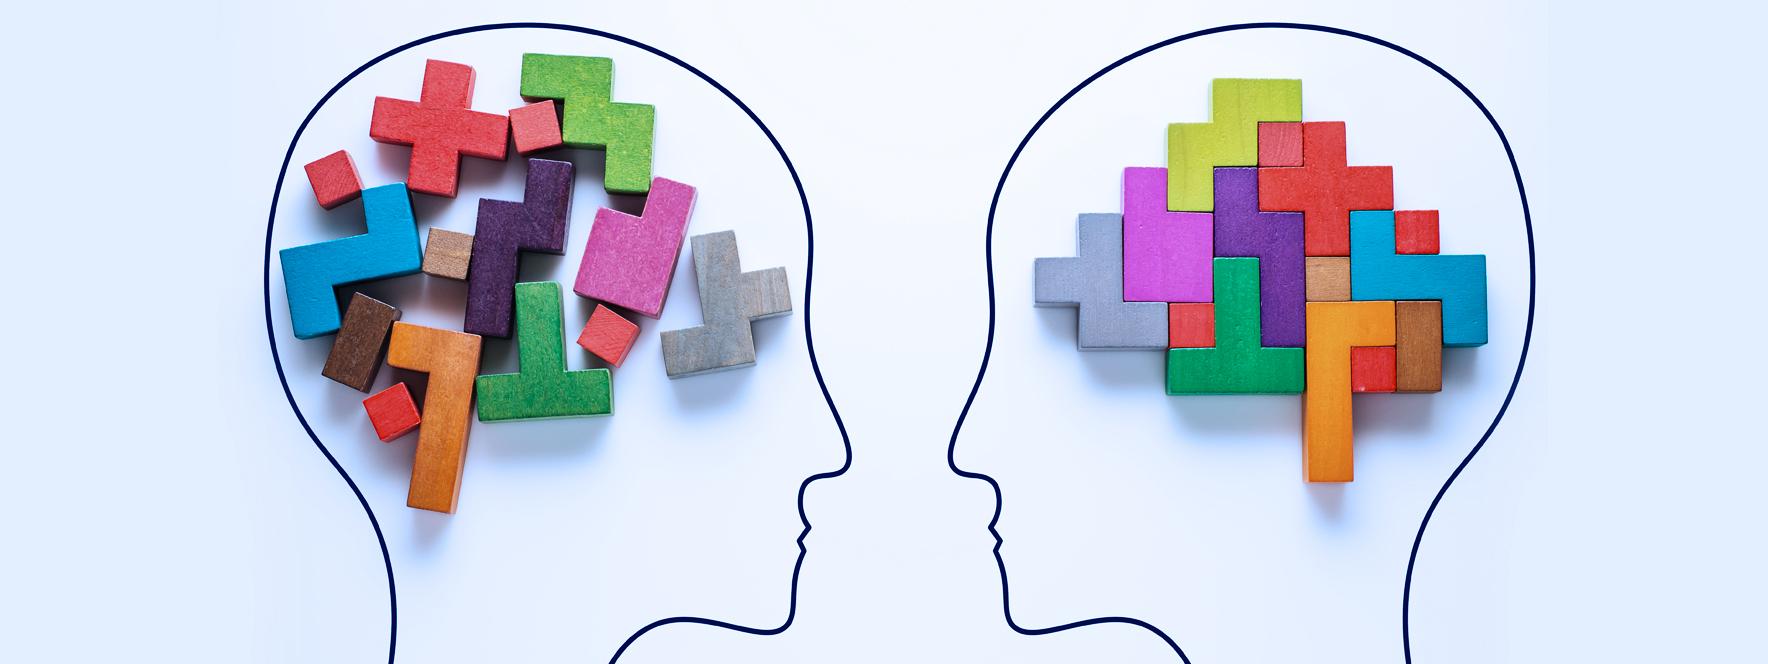 La différence psychologique - Blogue du Réseau